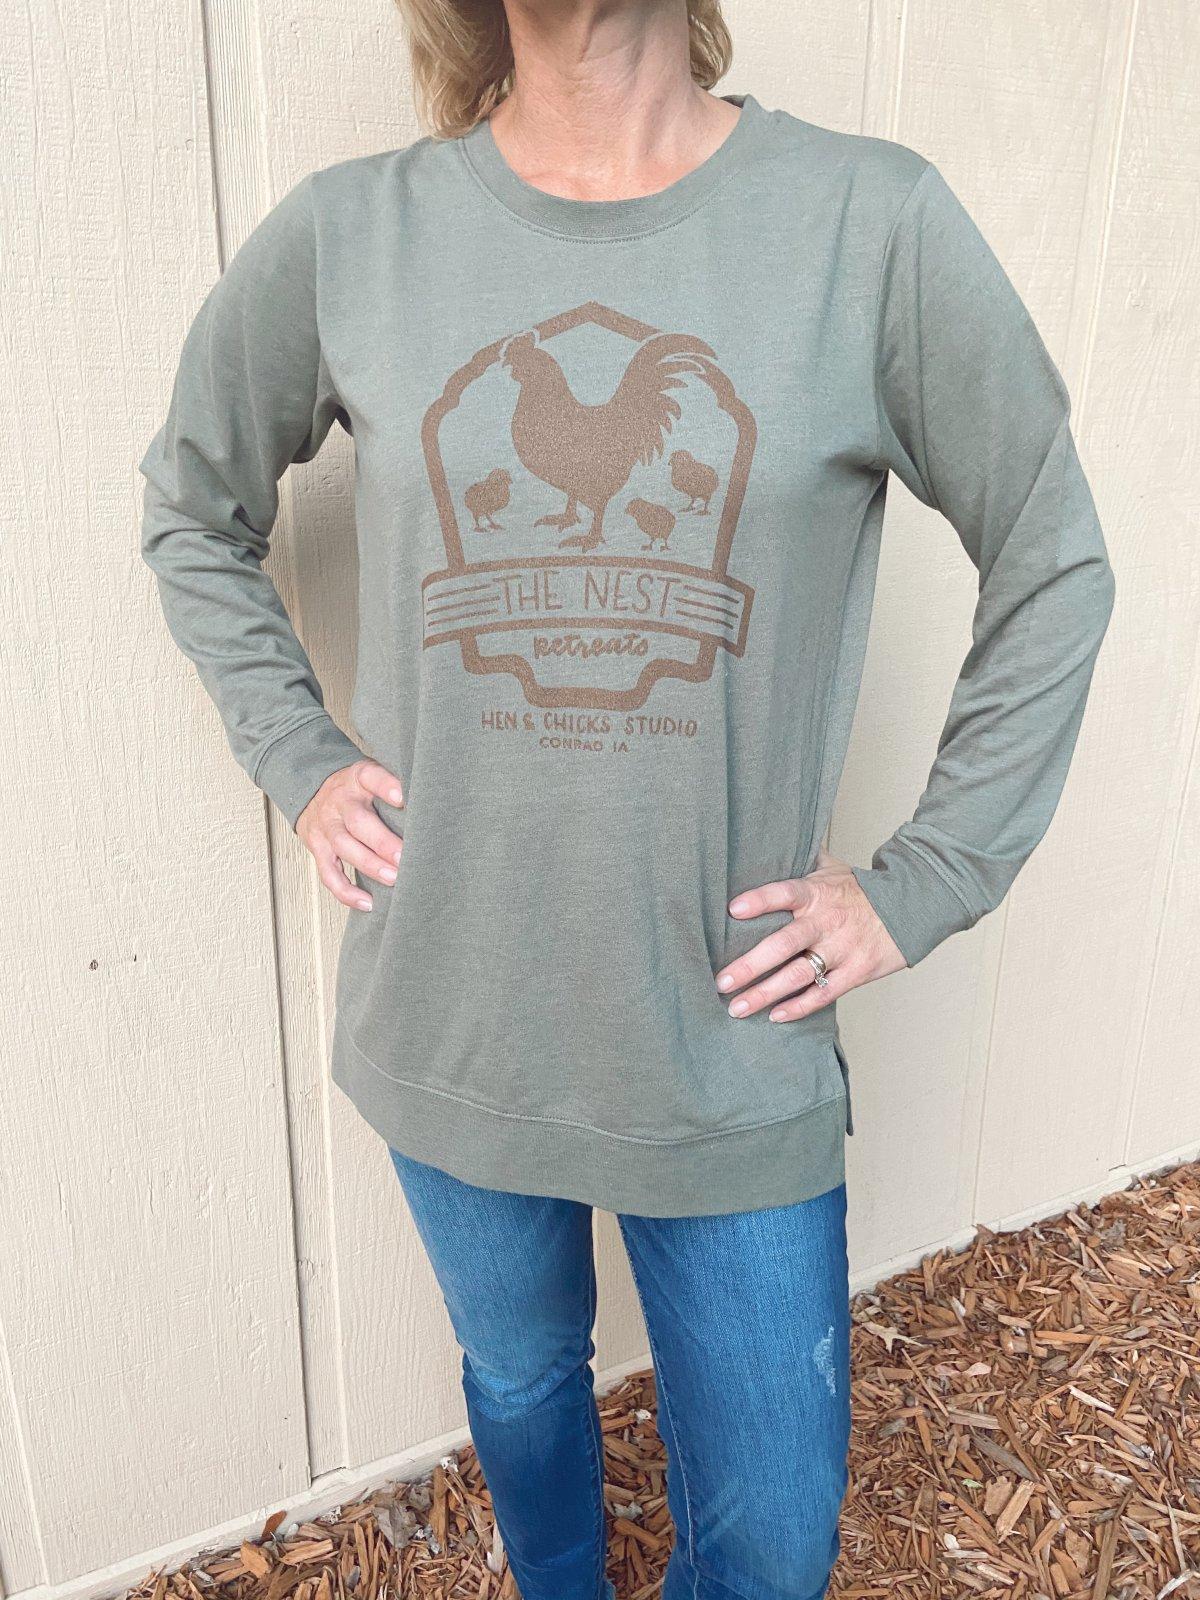 Long Sleeve: Lightweight Terry Heather City Green T-shirt